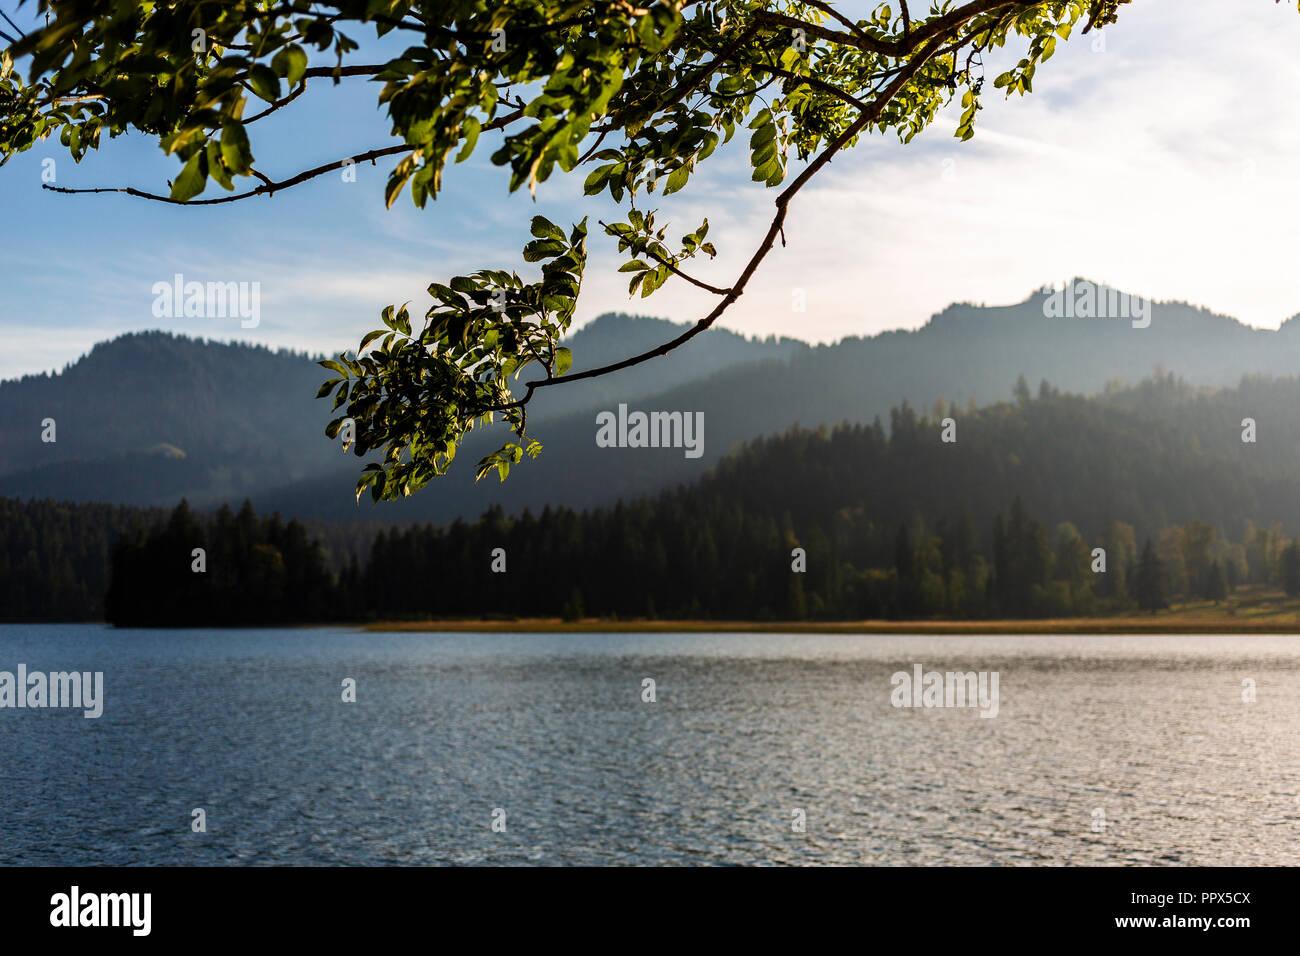 Der idyllische Schliersee in Bayern, Deutschland, Germany, in der Abendstimmung, untergehende Sonne - Stock Image